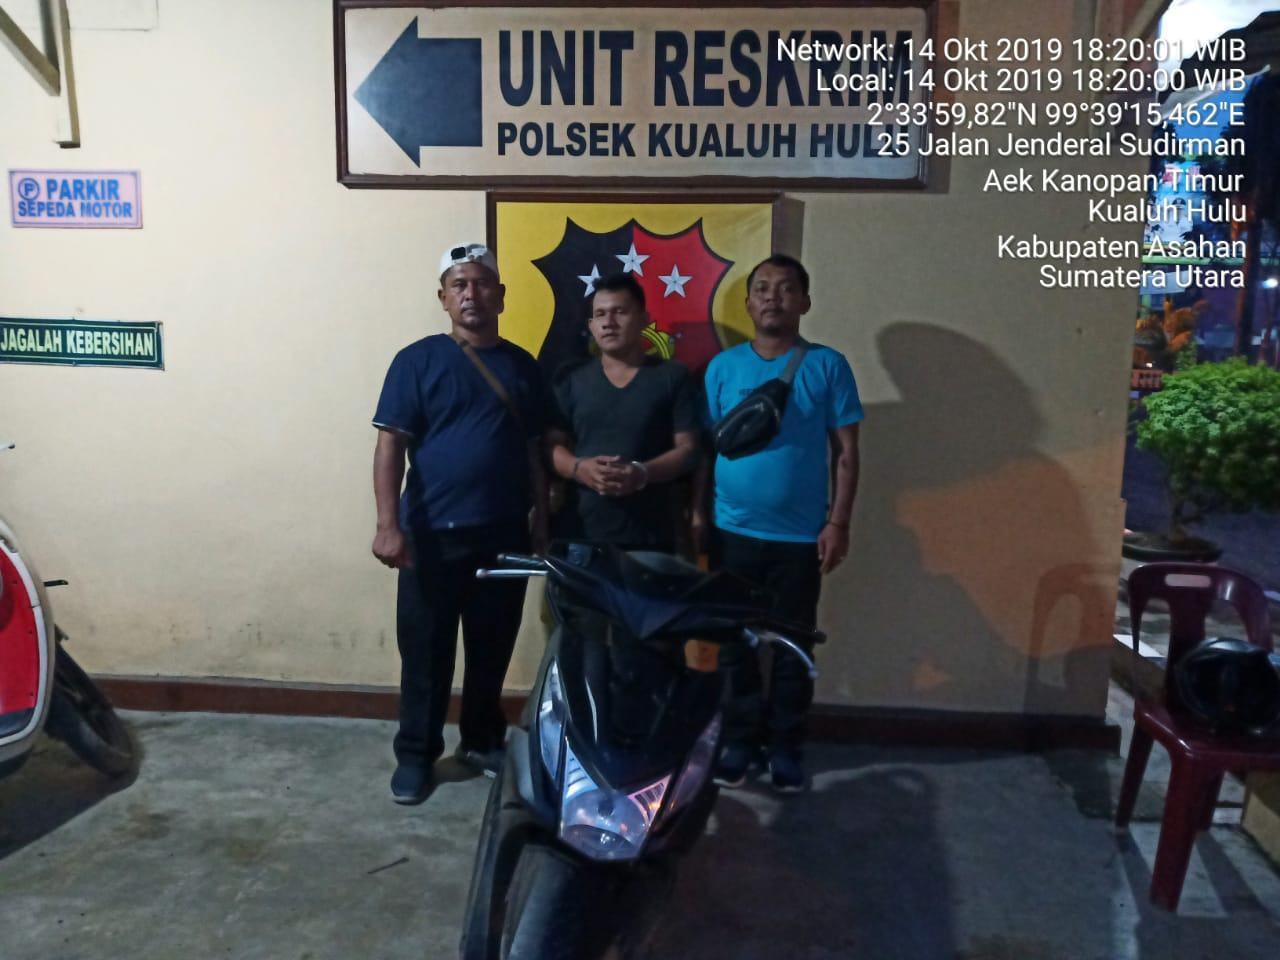 Warga Labuhanbatu Utara, Minjam Sepeda Motor Berakhir di Kantor Polisi